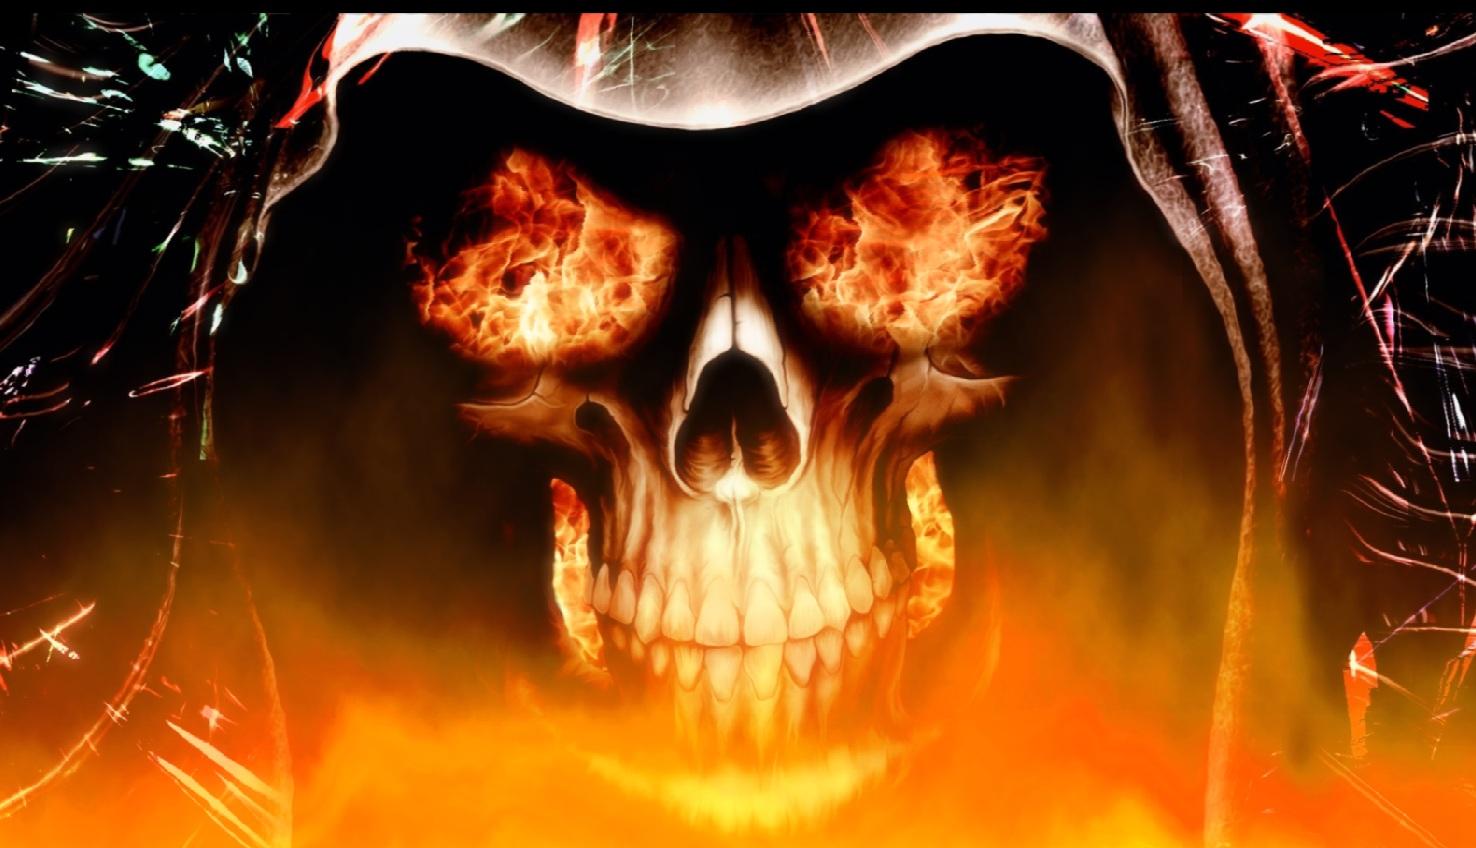 ¿Quien quiere vender su alma? FireSkull3